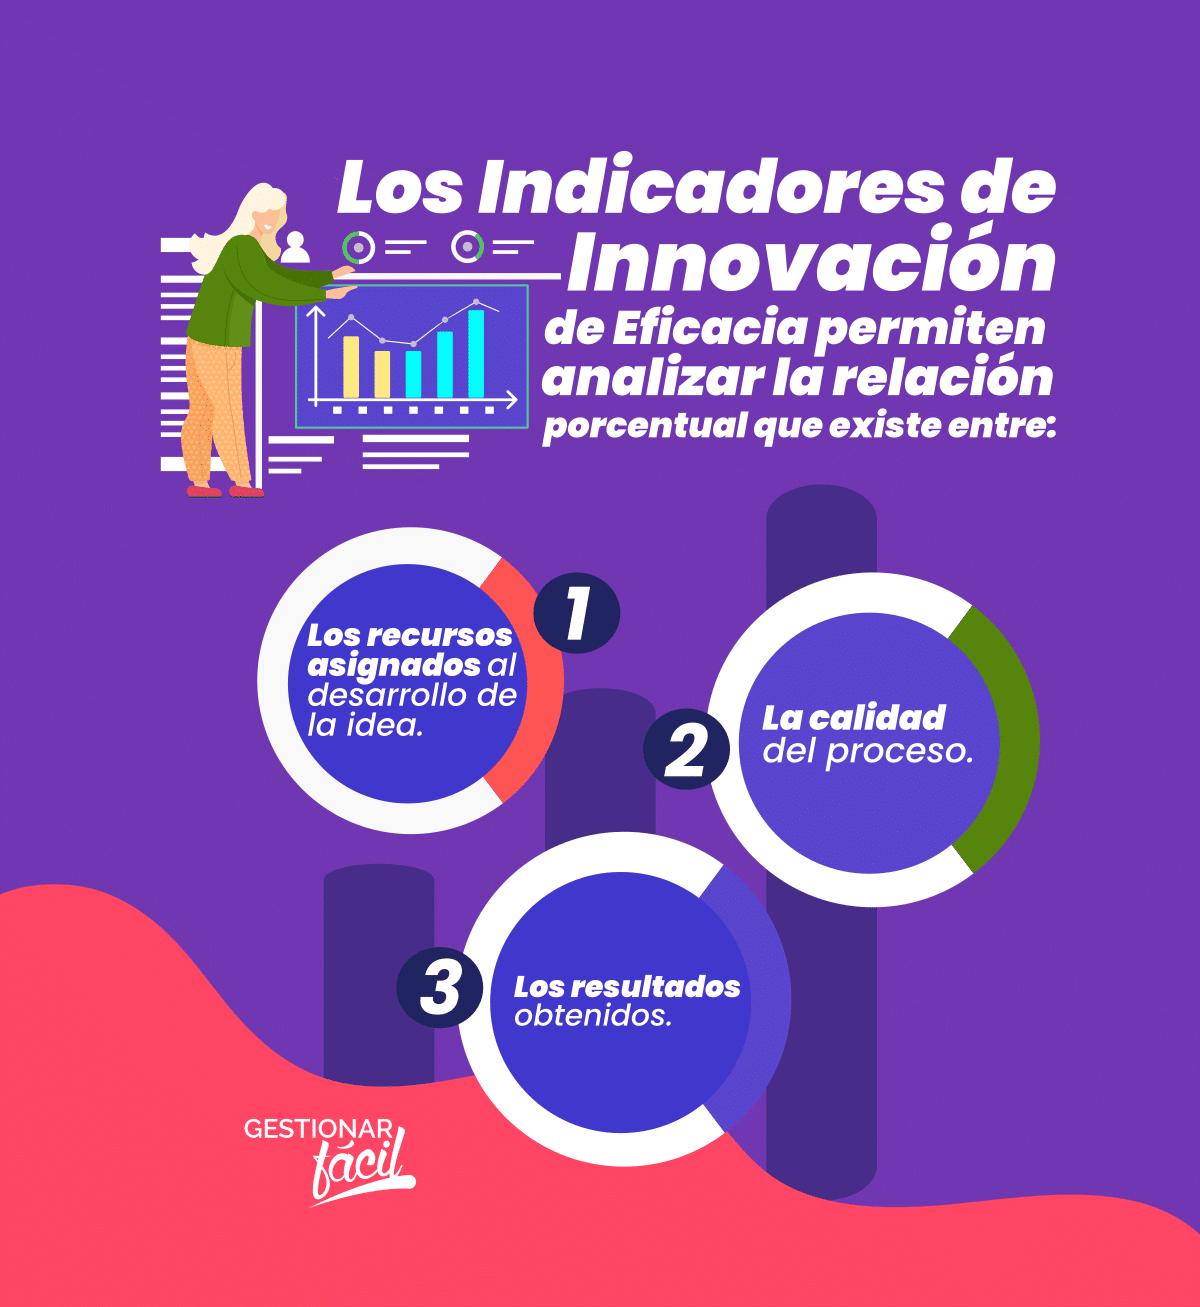 ¿Cómo aplicar los indicadores de innovación de eficacia? 0